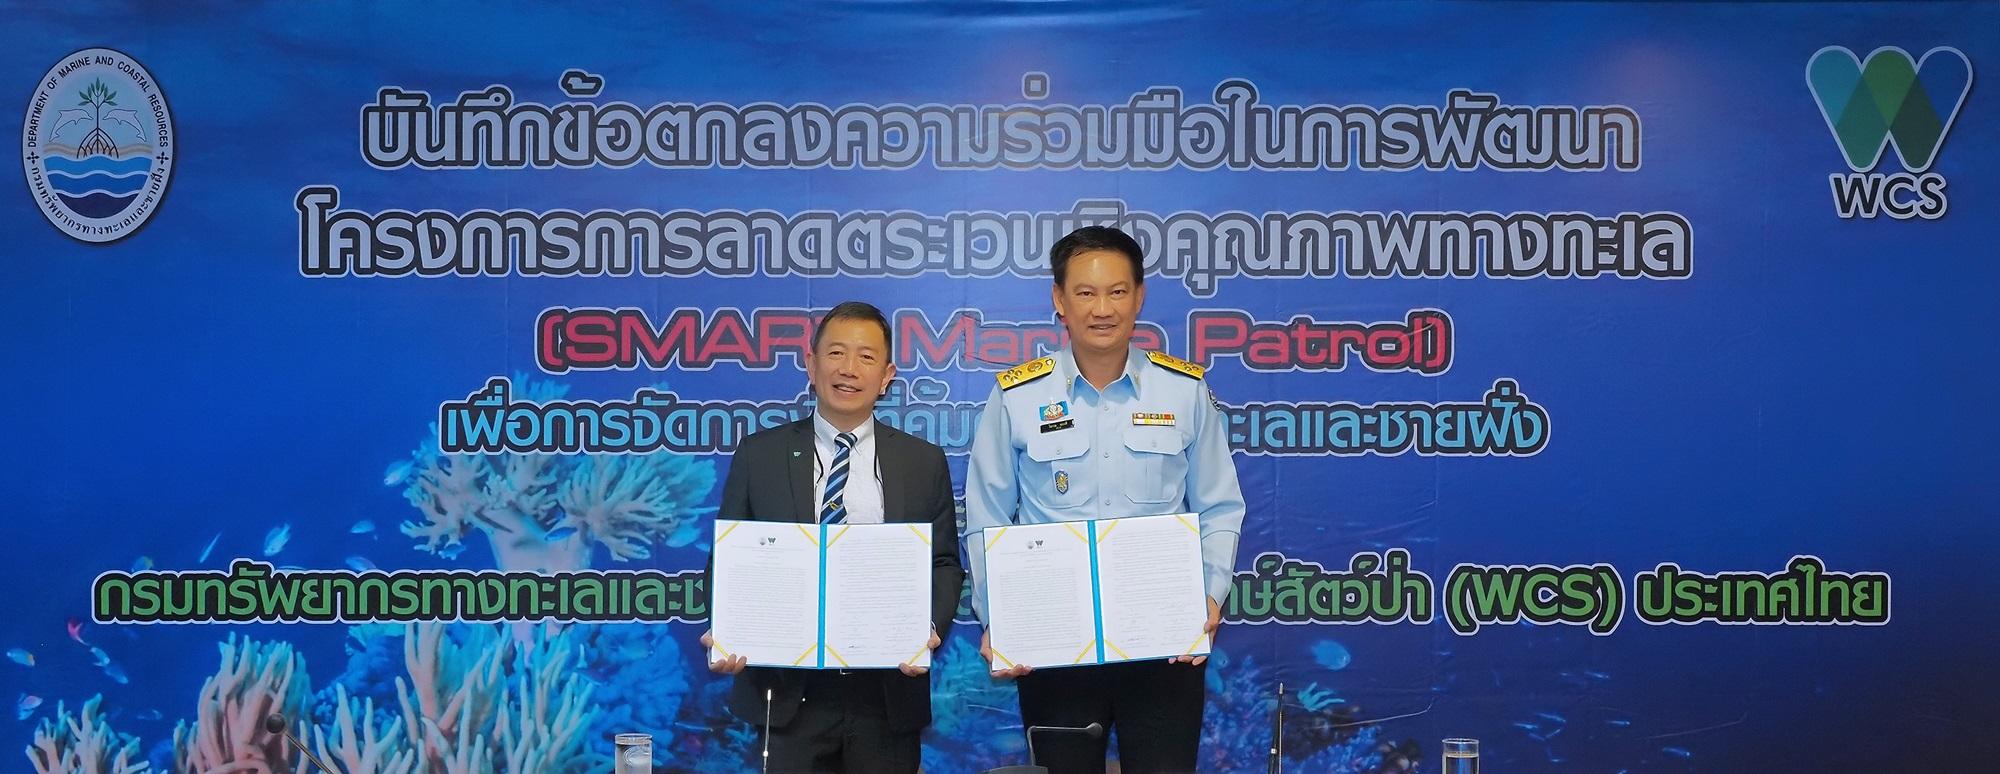 ทช. จับมือกับ WCS MOU พัฒนาโครงการลาดตระเวนเชิงคุณภาพทางทะเล